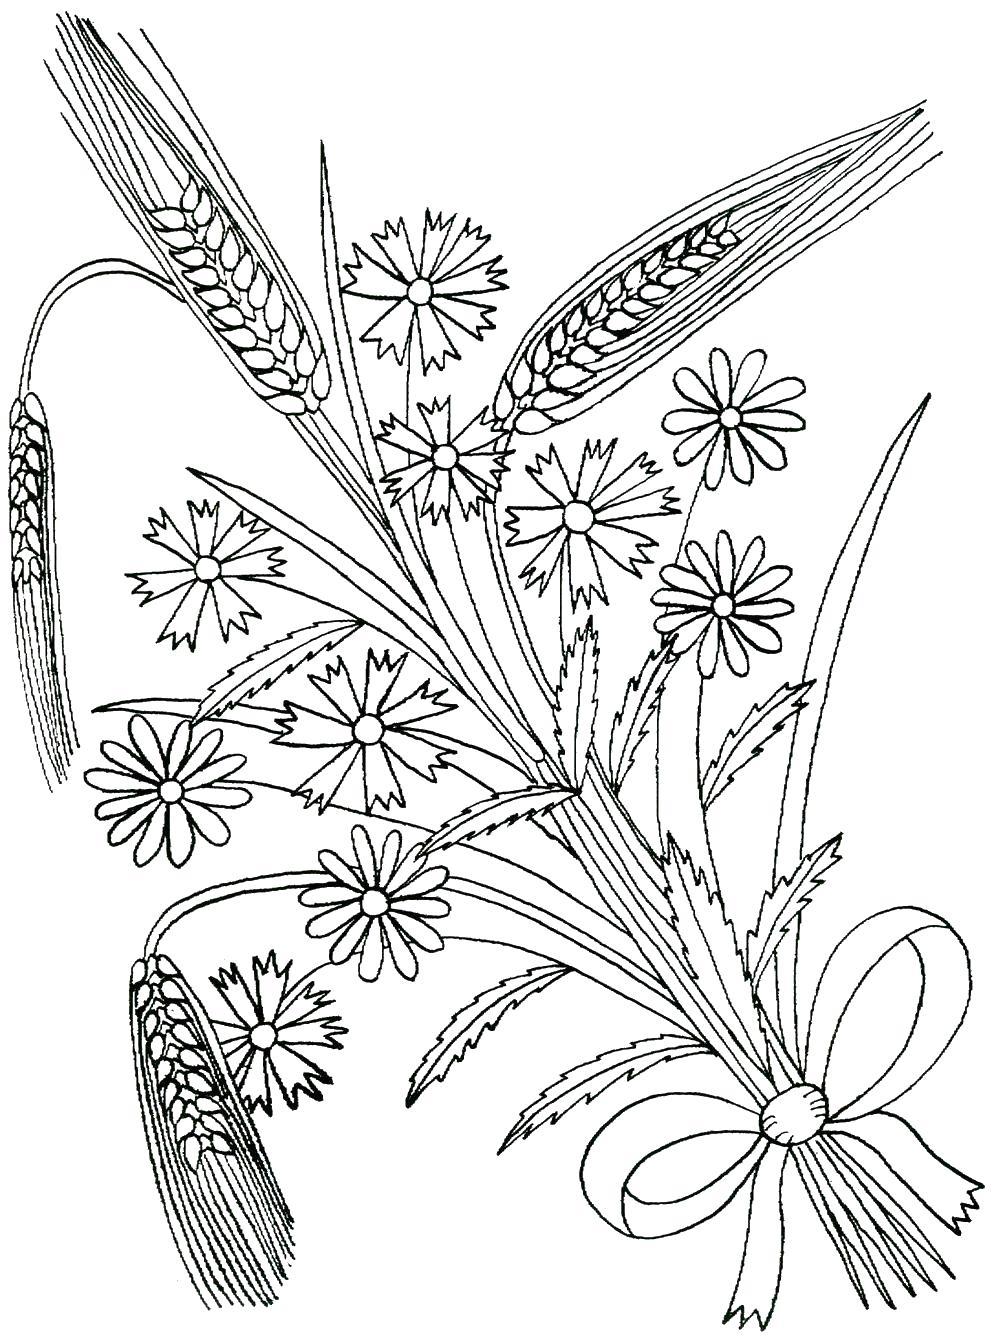 Летние цветы с колосками пшеницы Раскраски с цветами распечатать бесплатно